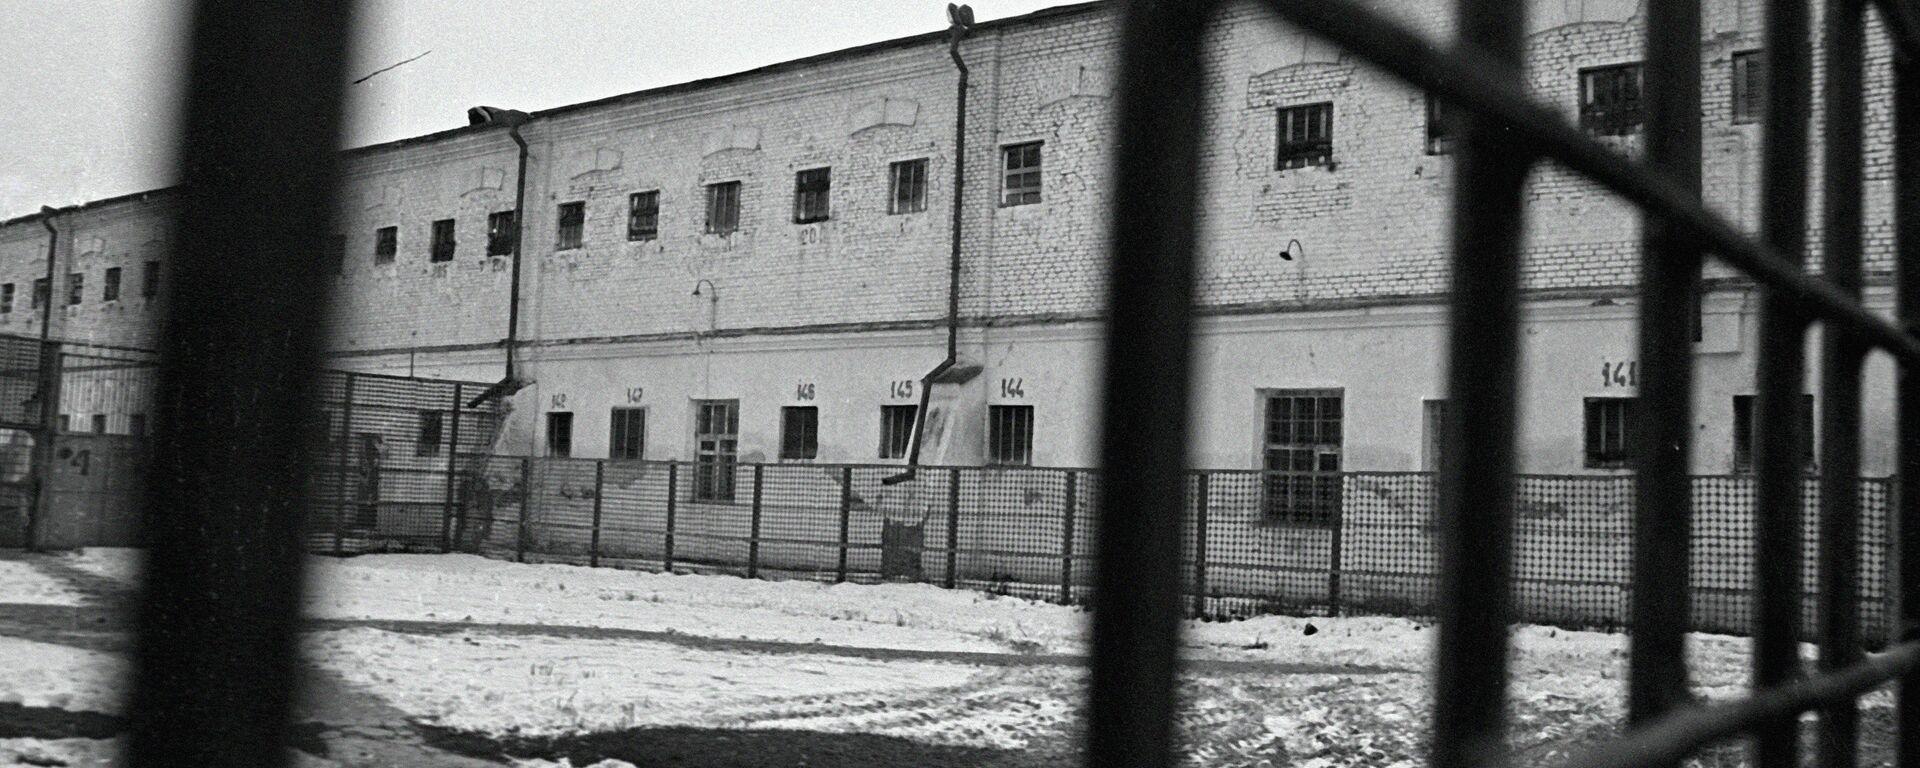 Тюрьма. Архивное фото. - Sputnik Тоҷикистон, 1920, 12.04.2021